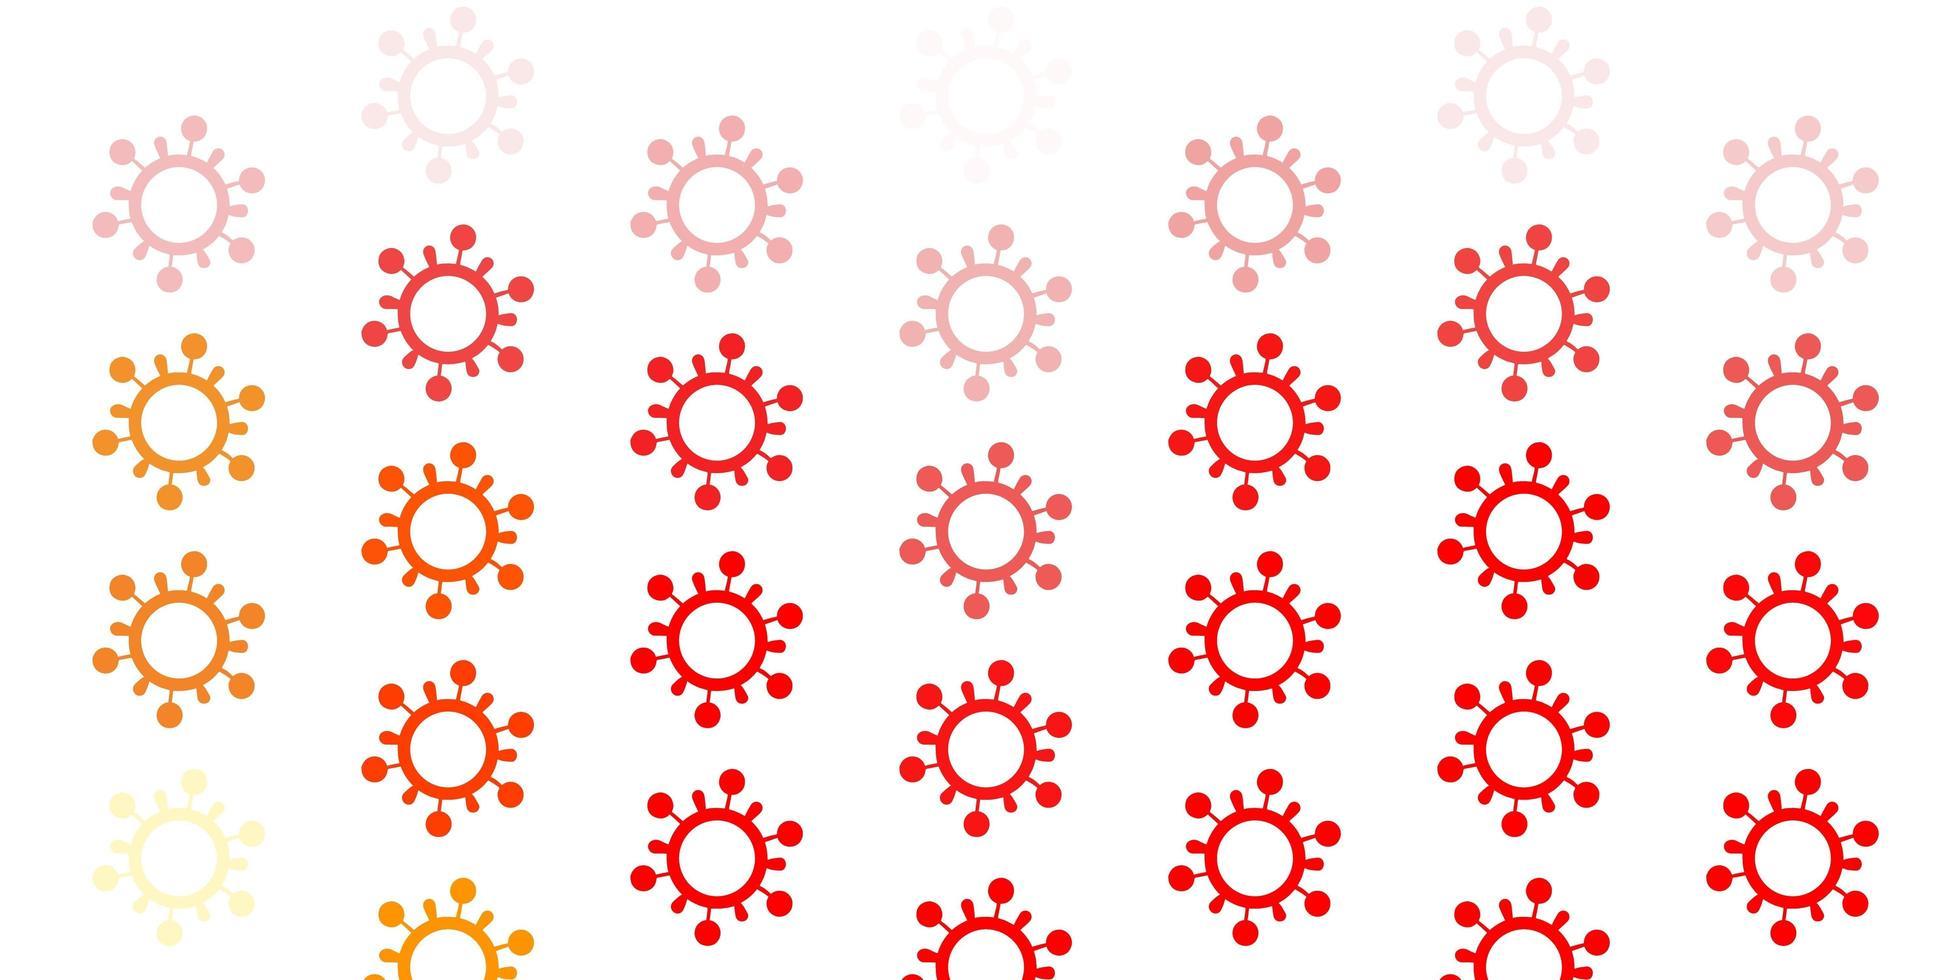 sfondo rosso chiaro, giallo con simboli di virus. vettore